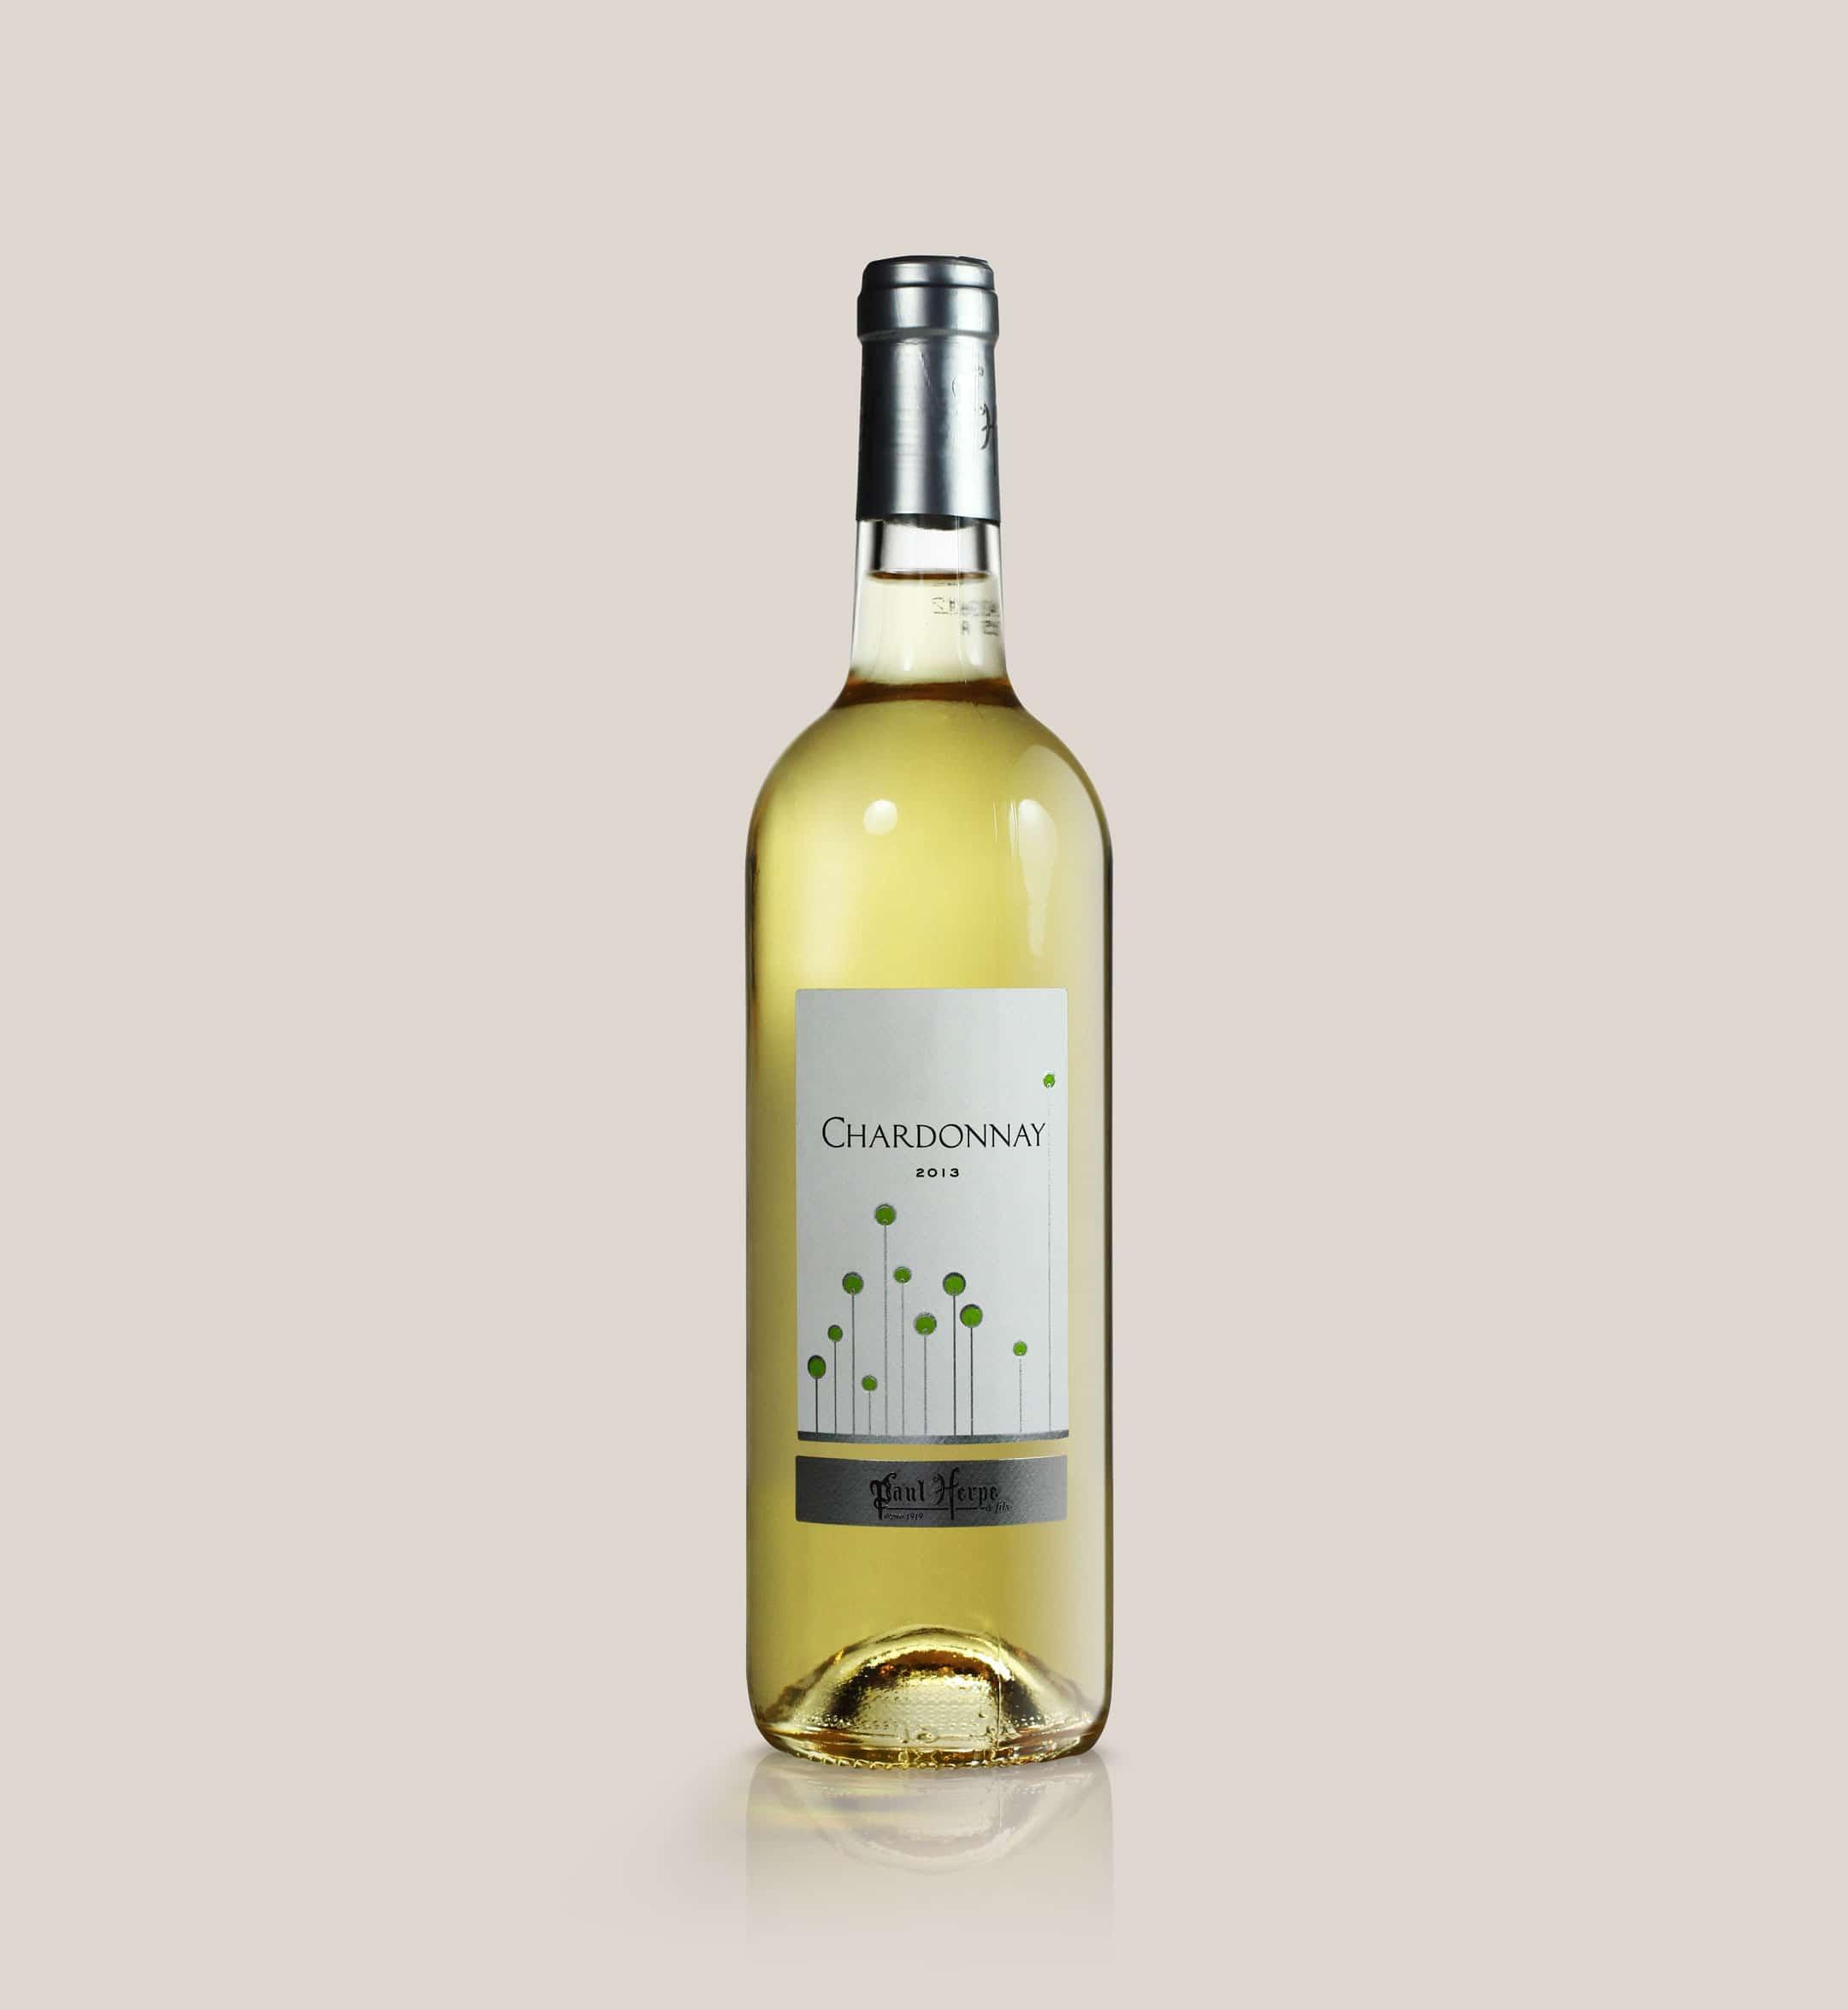 Chardonnay bouteille vin blanc de pays d'Oc Paul Herpe